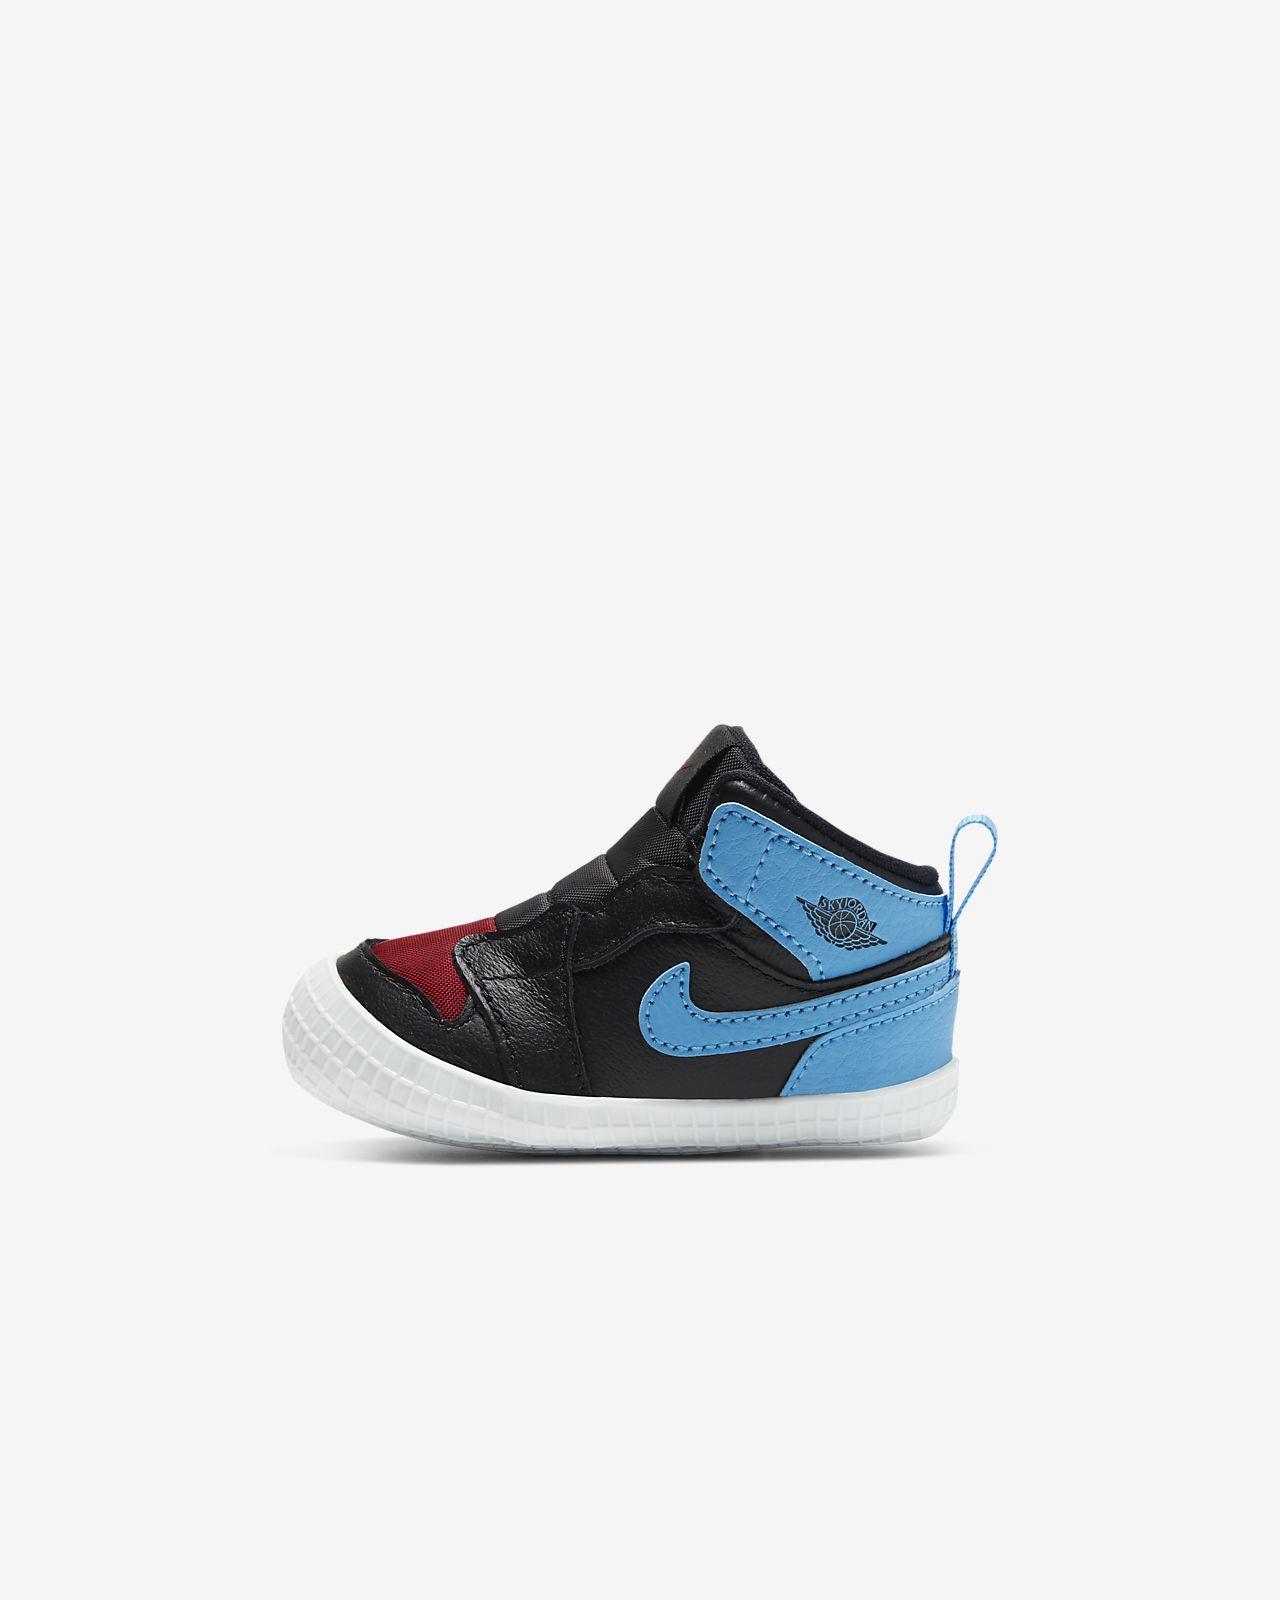 Sko för baby Jordan 1